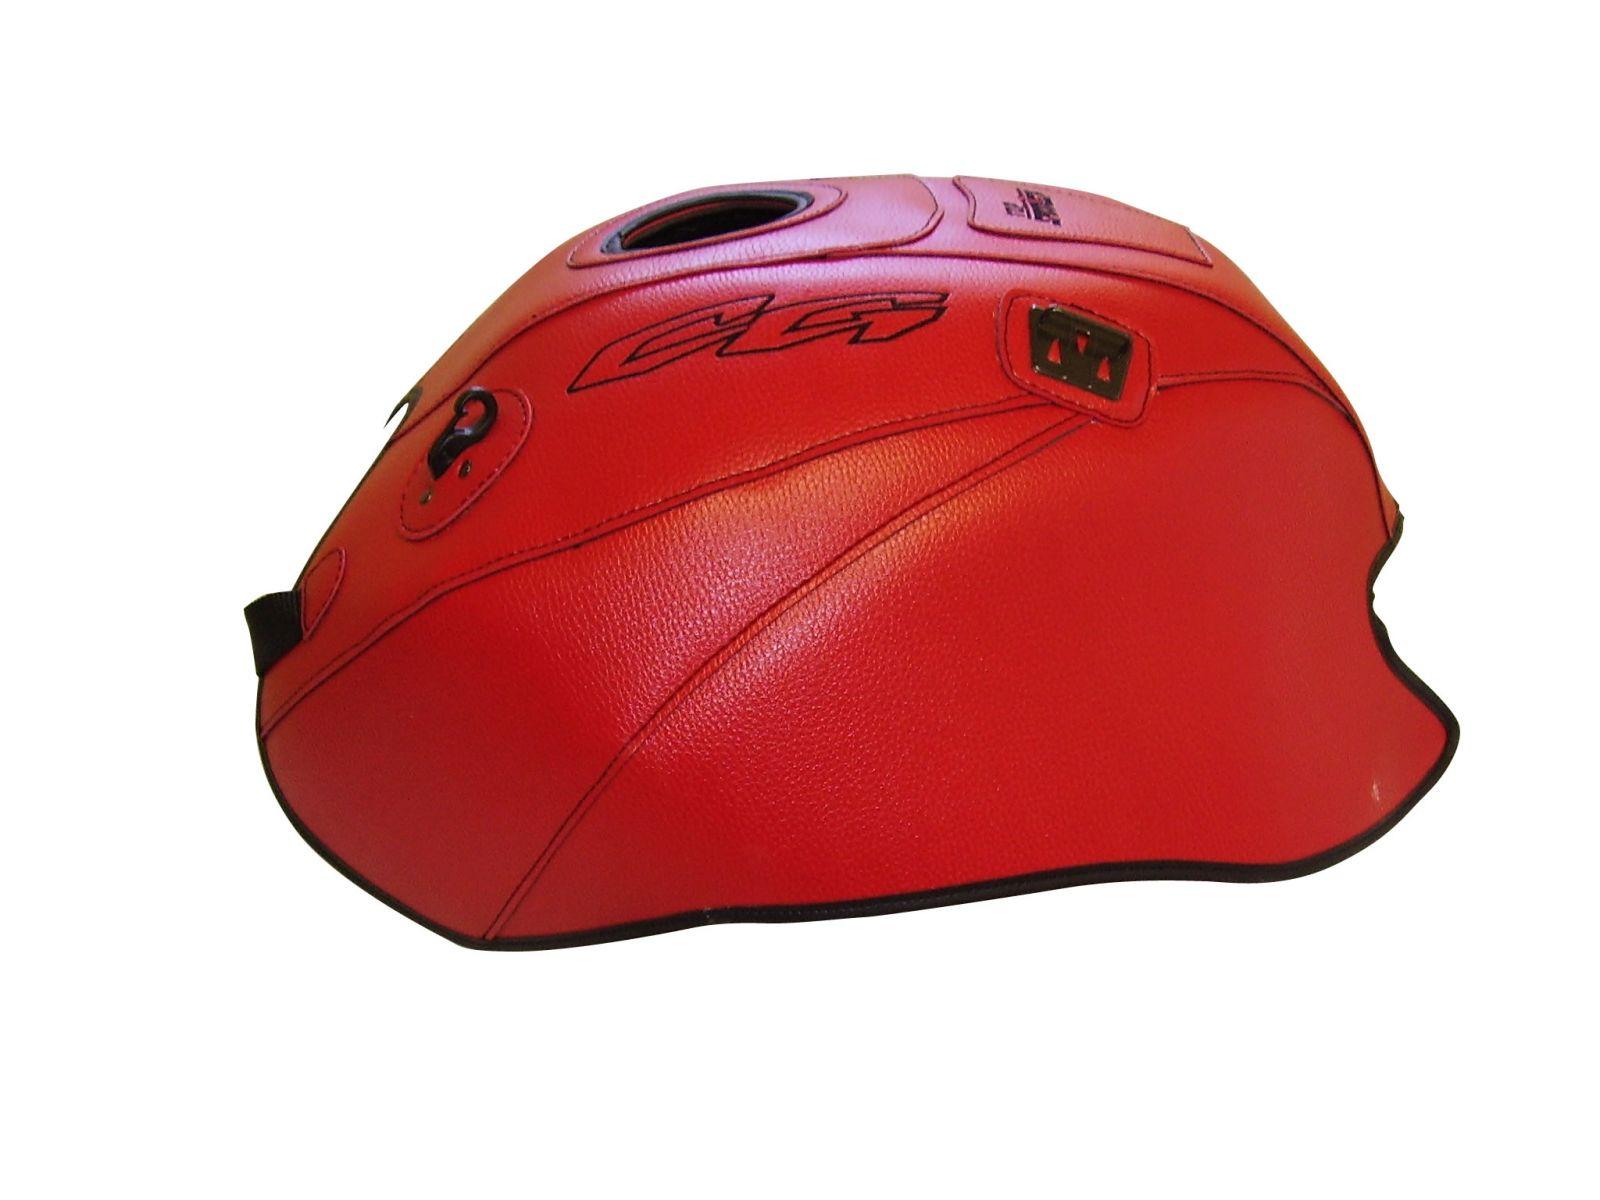 Capa de depósito TPR4606 - HONDA CG 125 [≥ 2004]